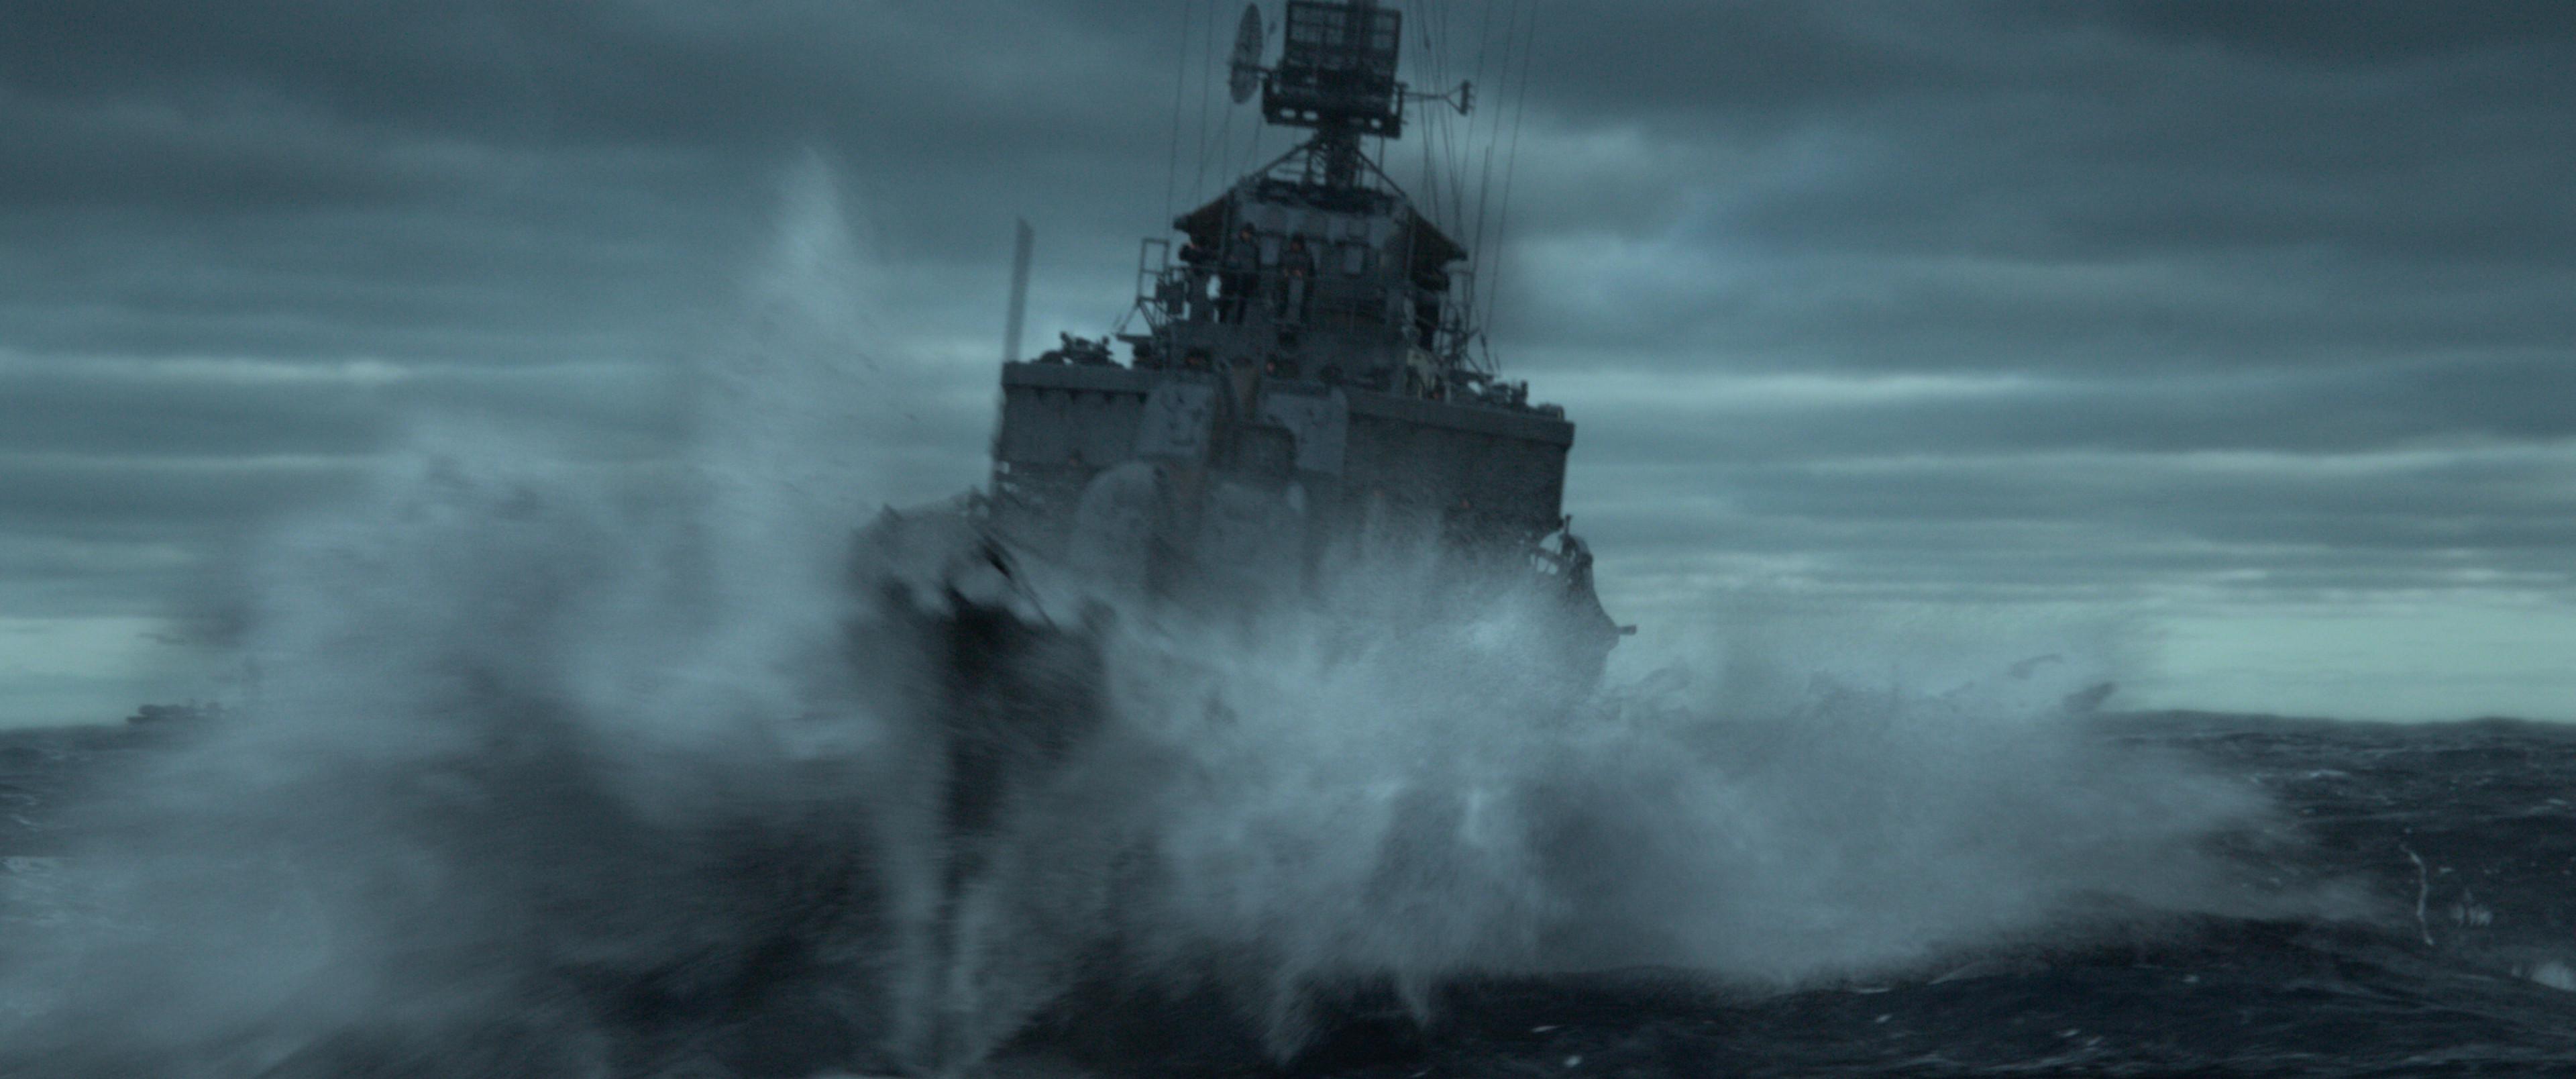 Navio de guerra totalmente renderizado em alto mar.